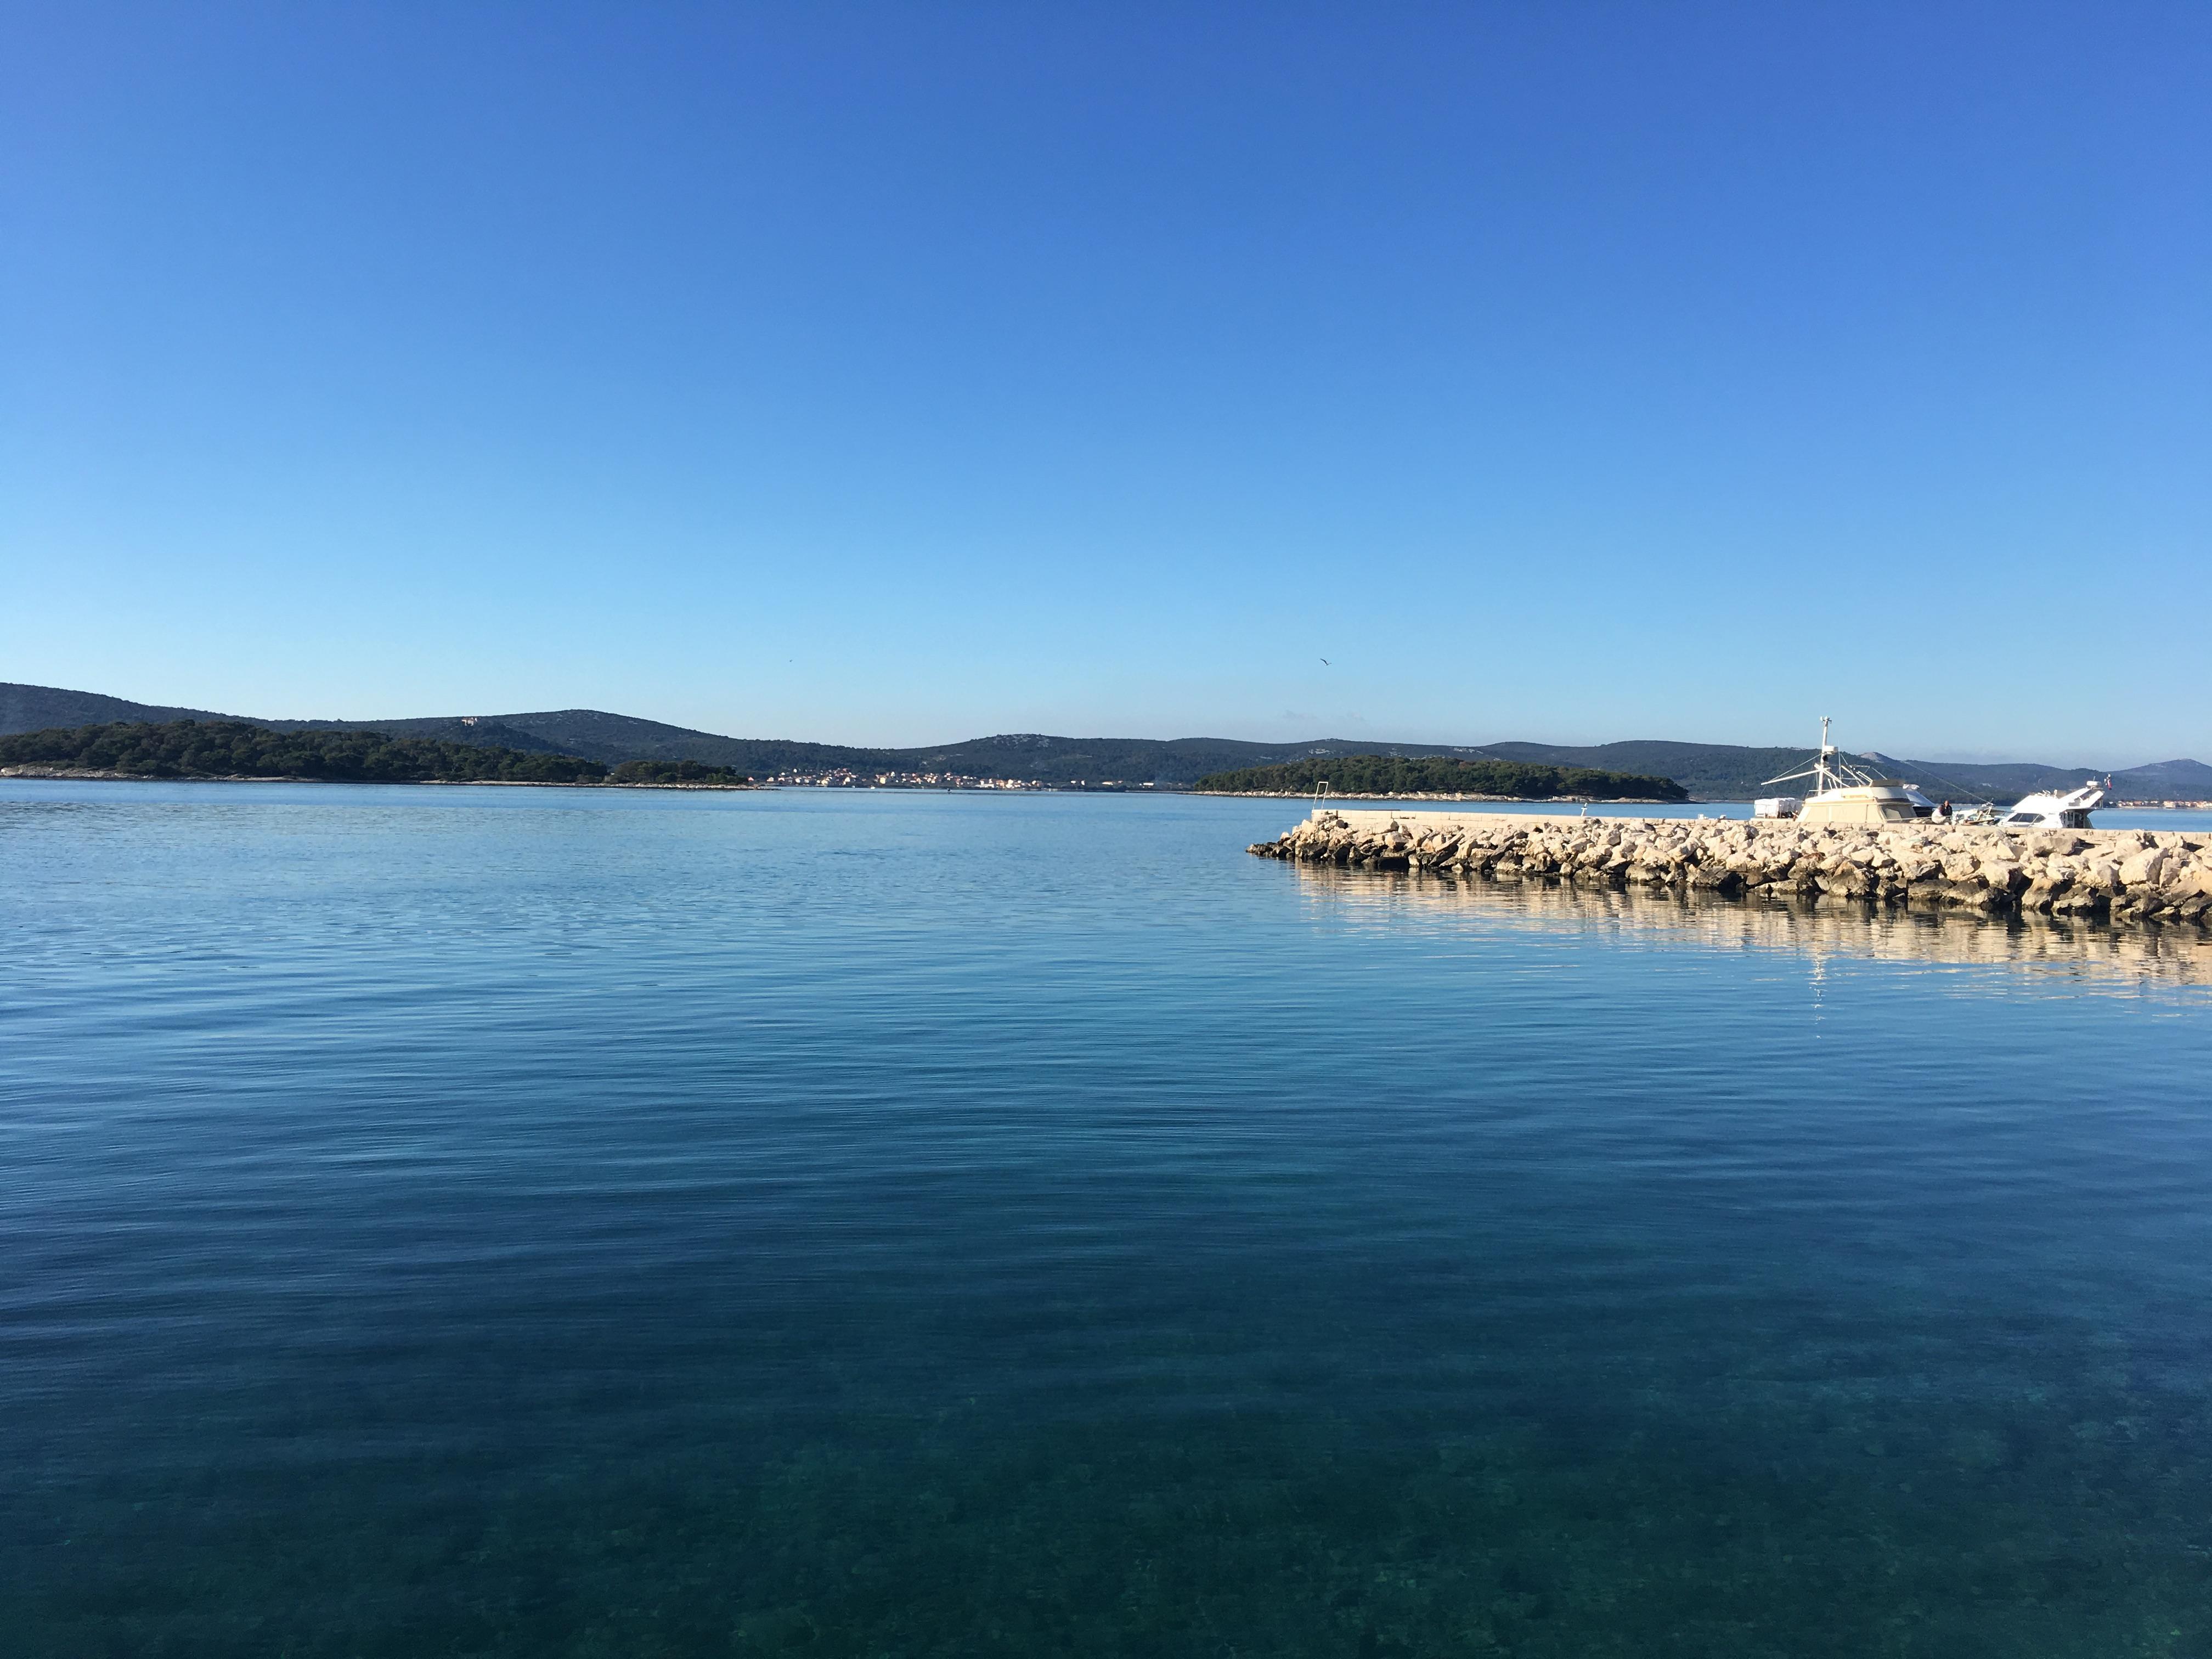 3 izbový apartmán pri mori v Chorvátsku, Biogradská riviera Turanj, 100m2 + garaž, 70m od mora-22